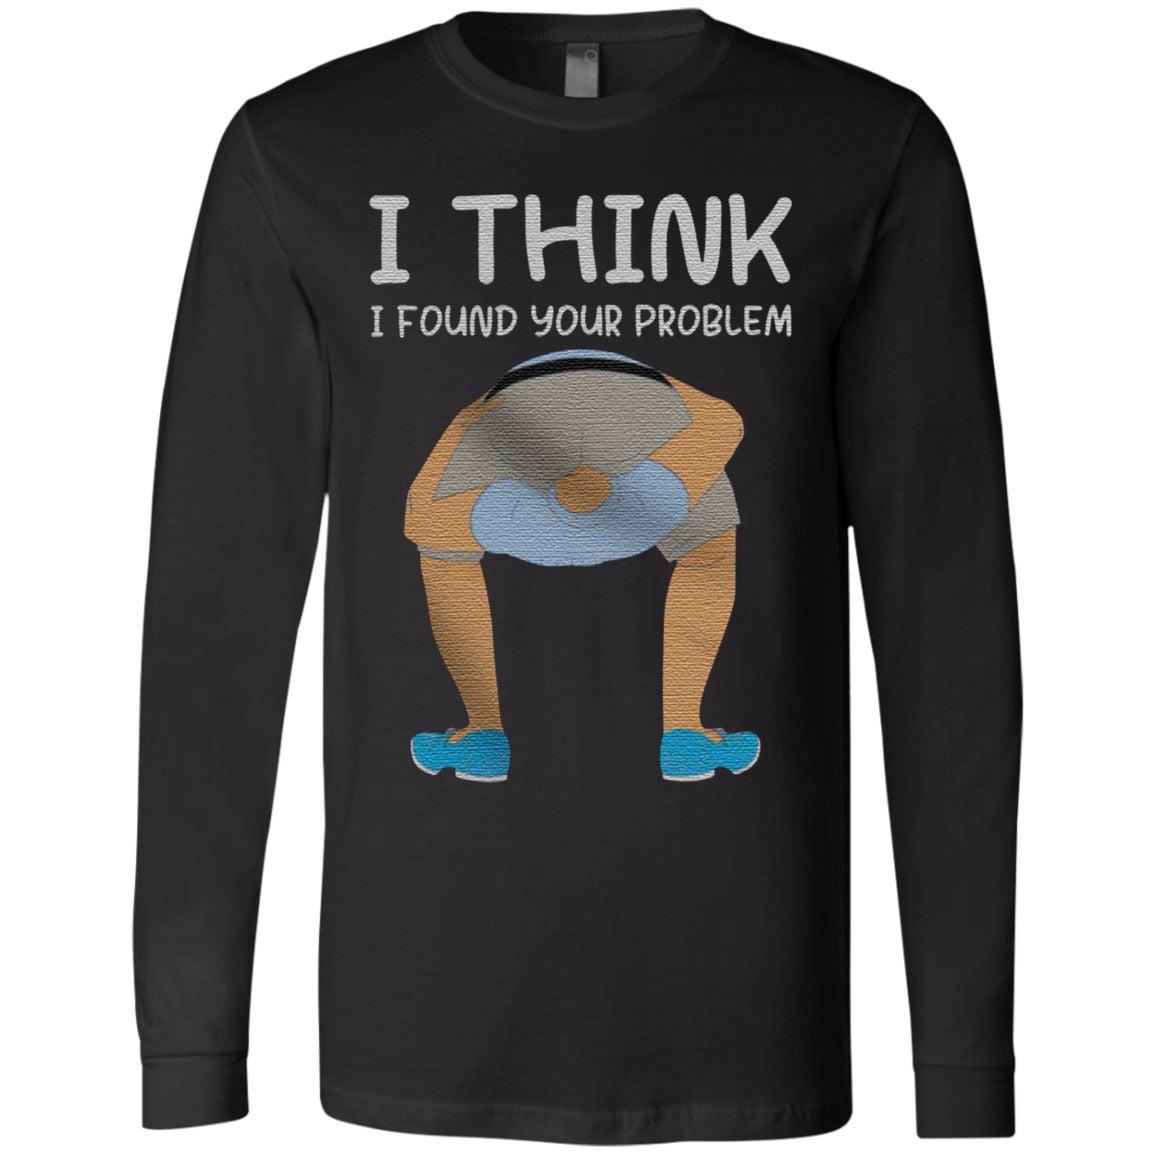 I Think I Found Your Problem TShirt